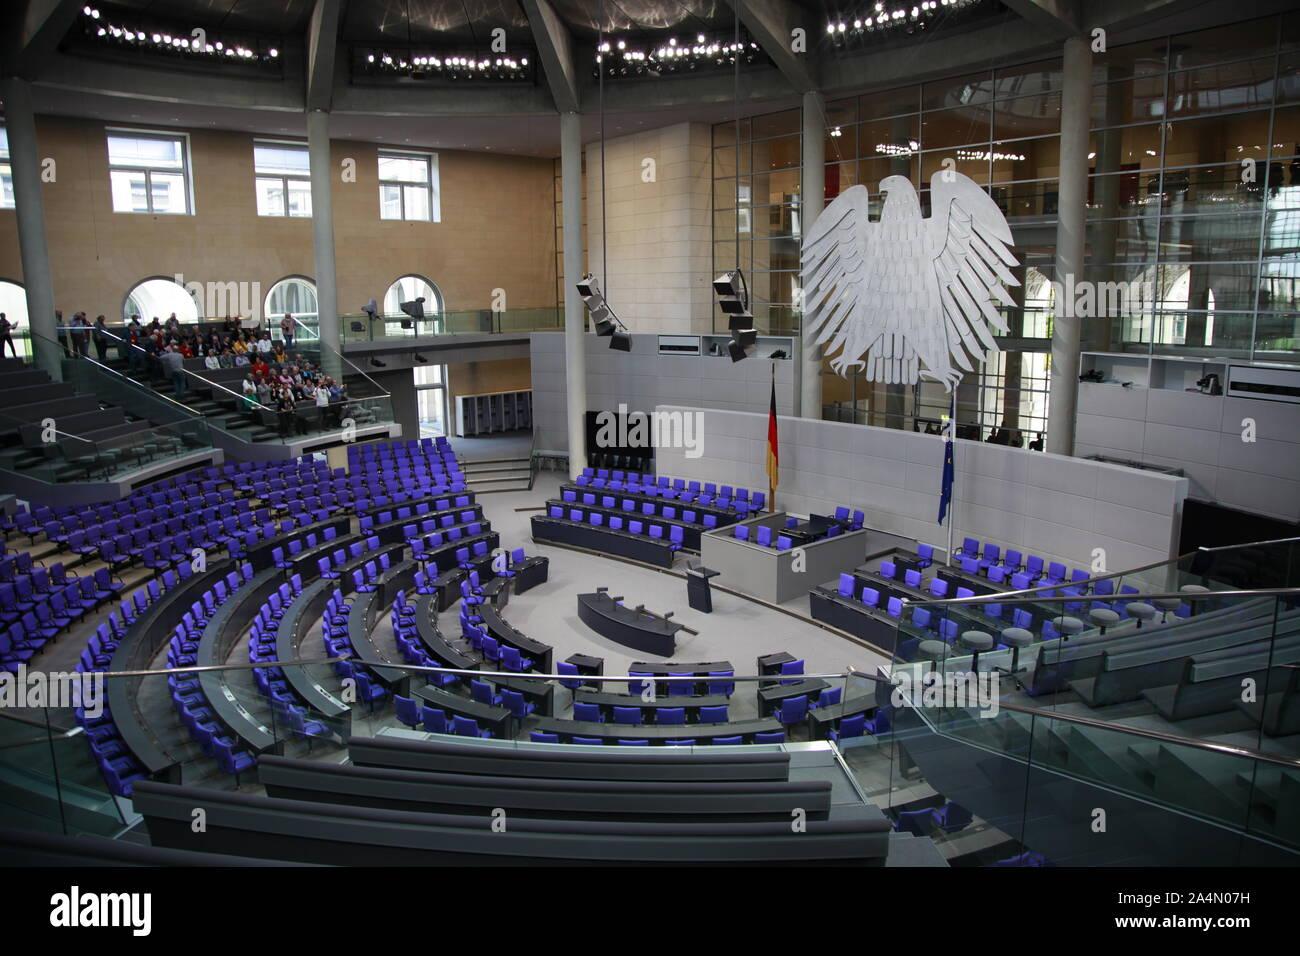 Das Reichstagsgebäude  Berlin Reichstag , Bundestag, Politik, erbaut 1984-1894, Architekt: Paul Wallot, Umbau 1995-1999, Architekt: Sir Norman Foster, Stock Photo